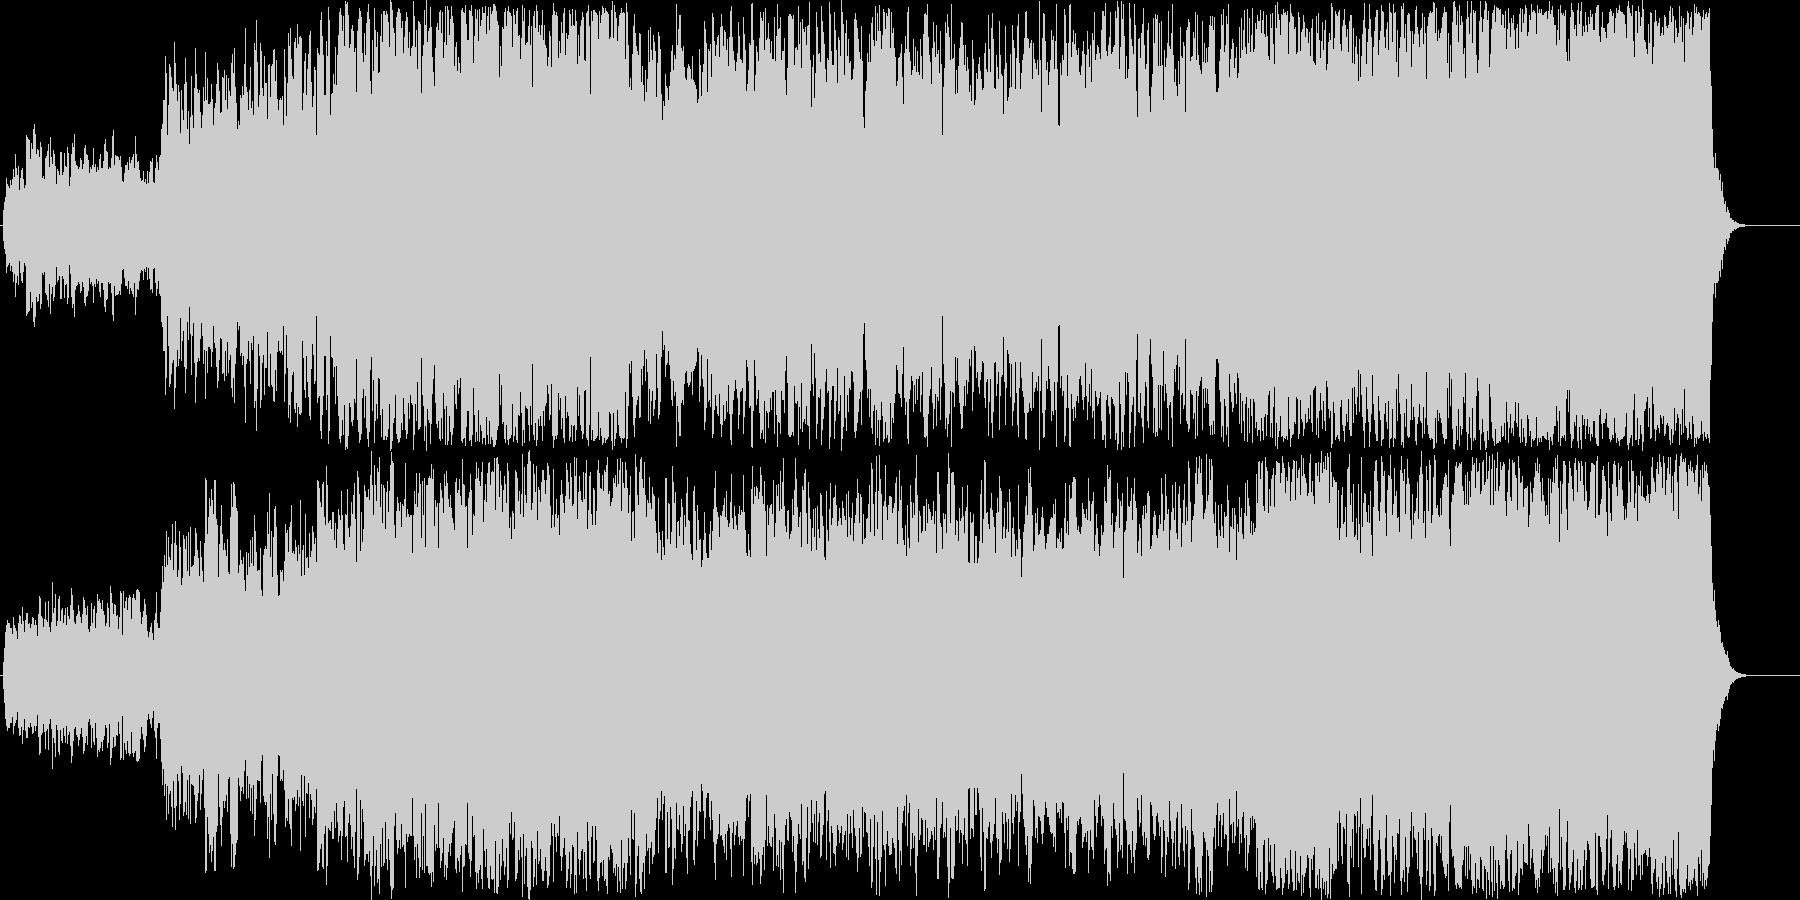 ストリングス大編成で奏でるバロック調の曲の未再生の波形